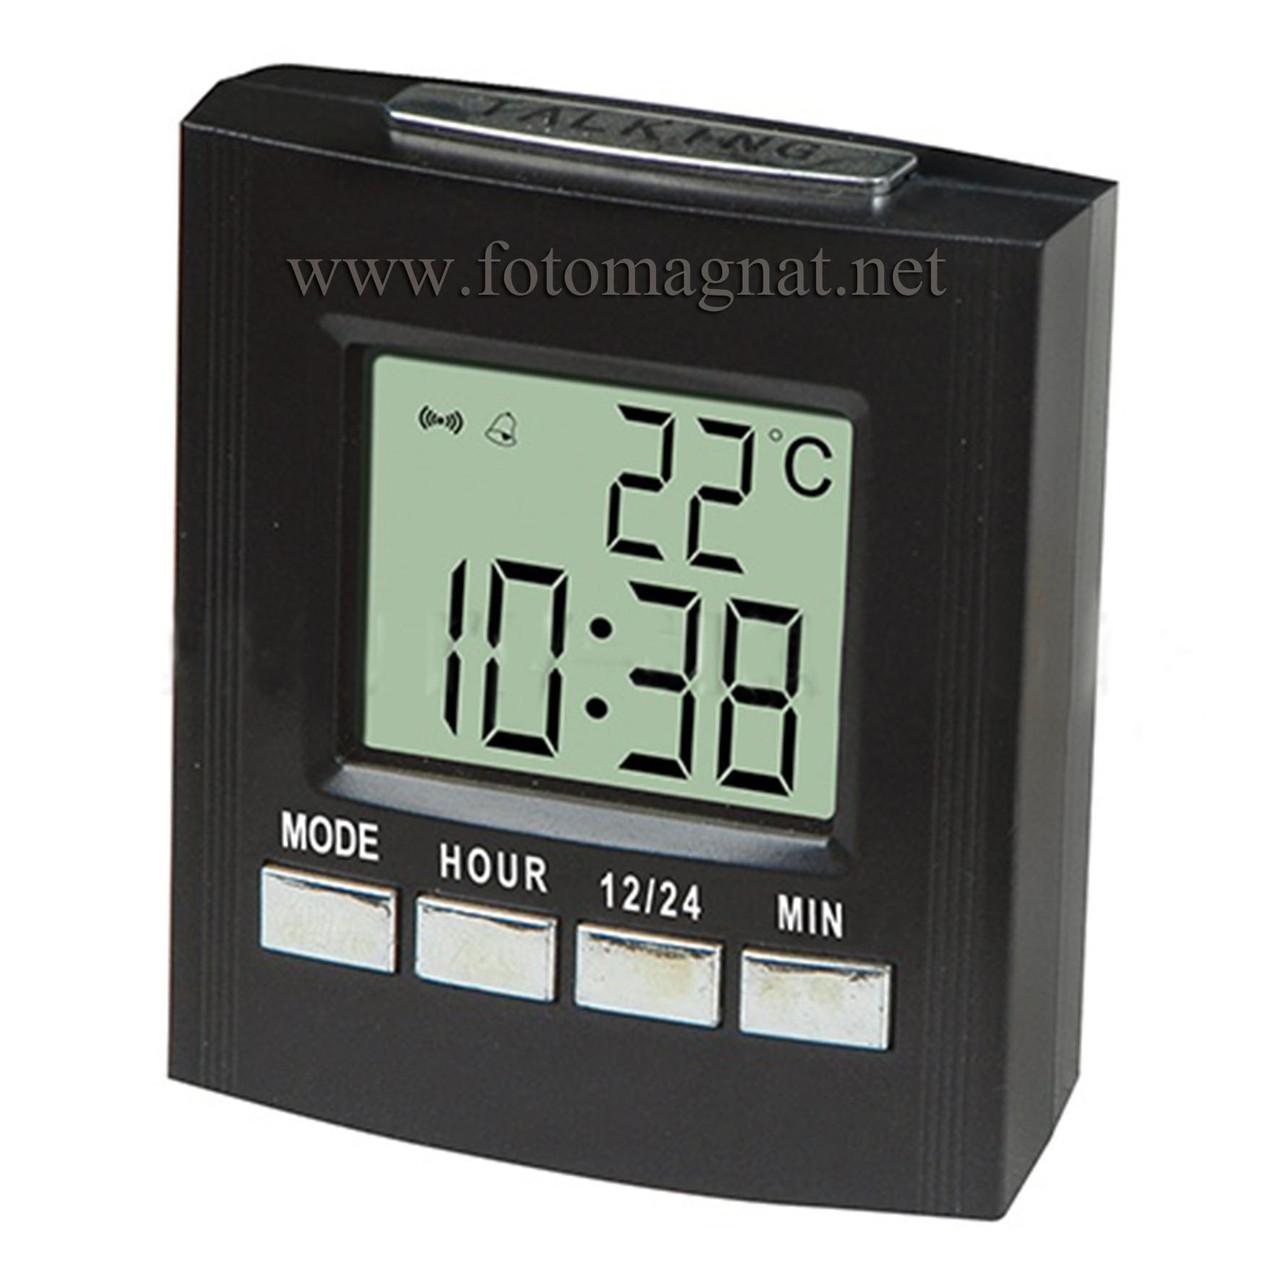 Часы электронные 7027С (электронные часы настольные) говорящие - Fotomagnat.net — Выгодные покупки начинаются здесь в Днепре